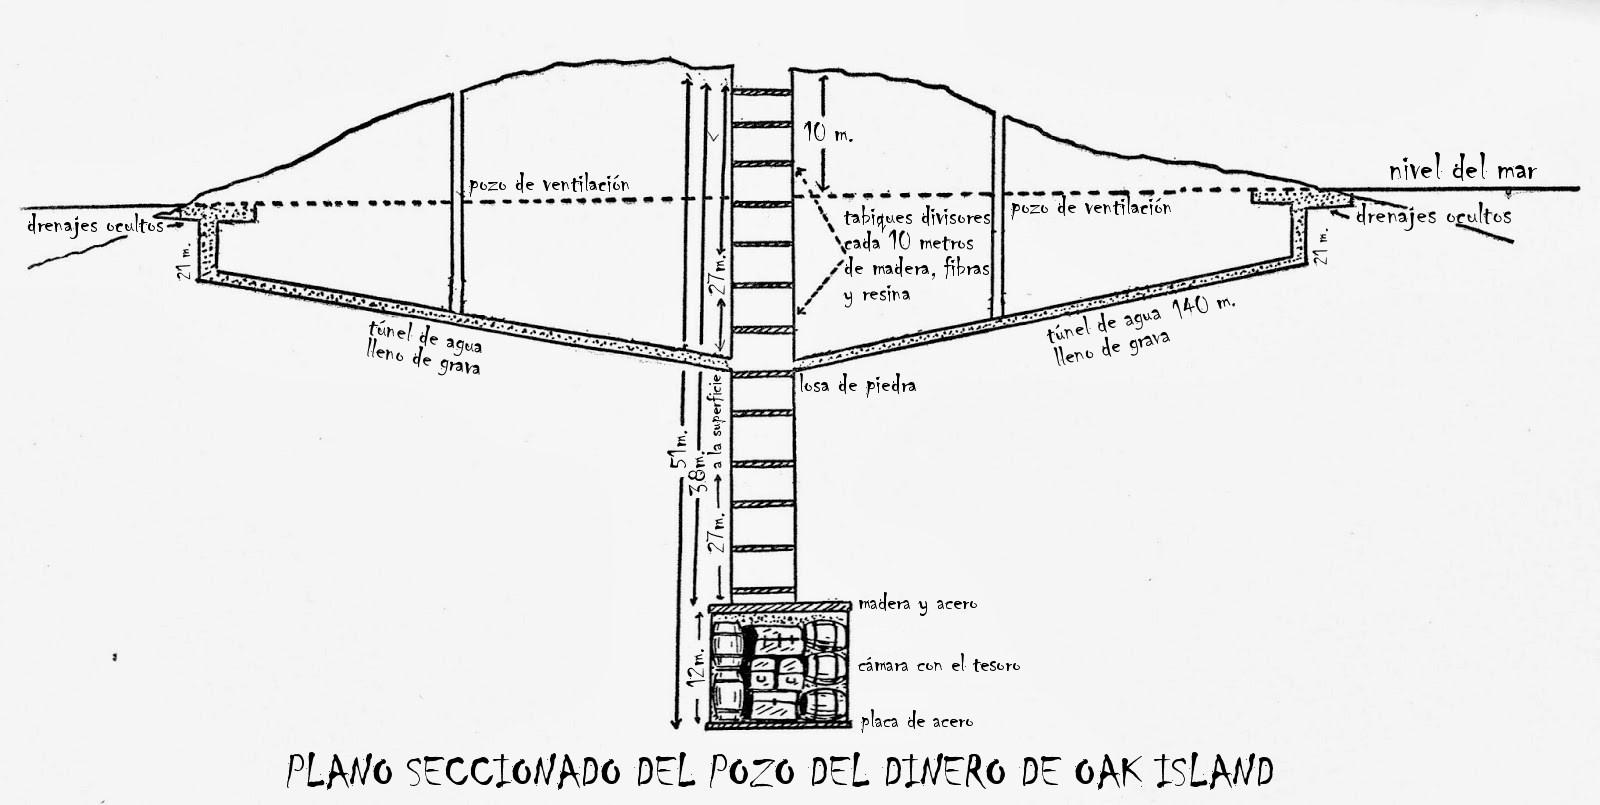 seccion tunel isla oak